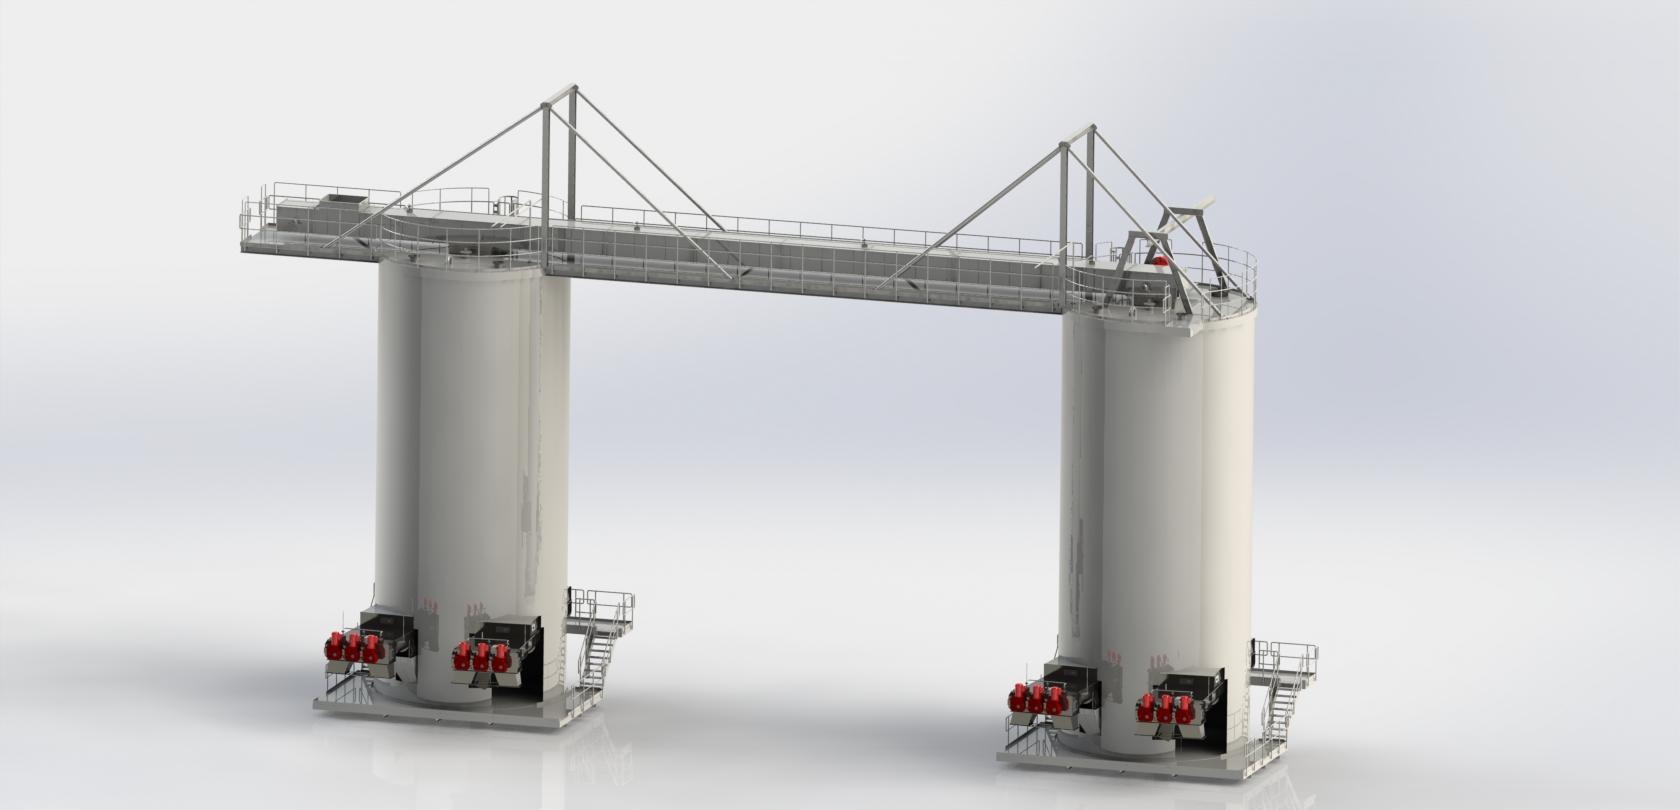 Biomasse-Förderanlage, Dänemark